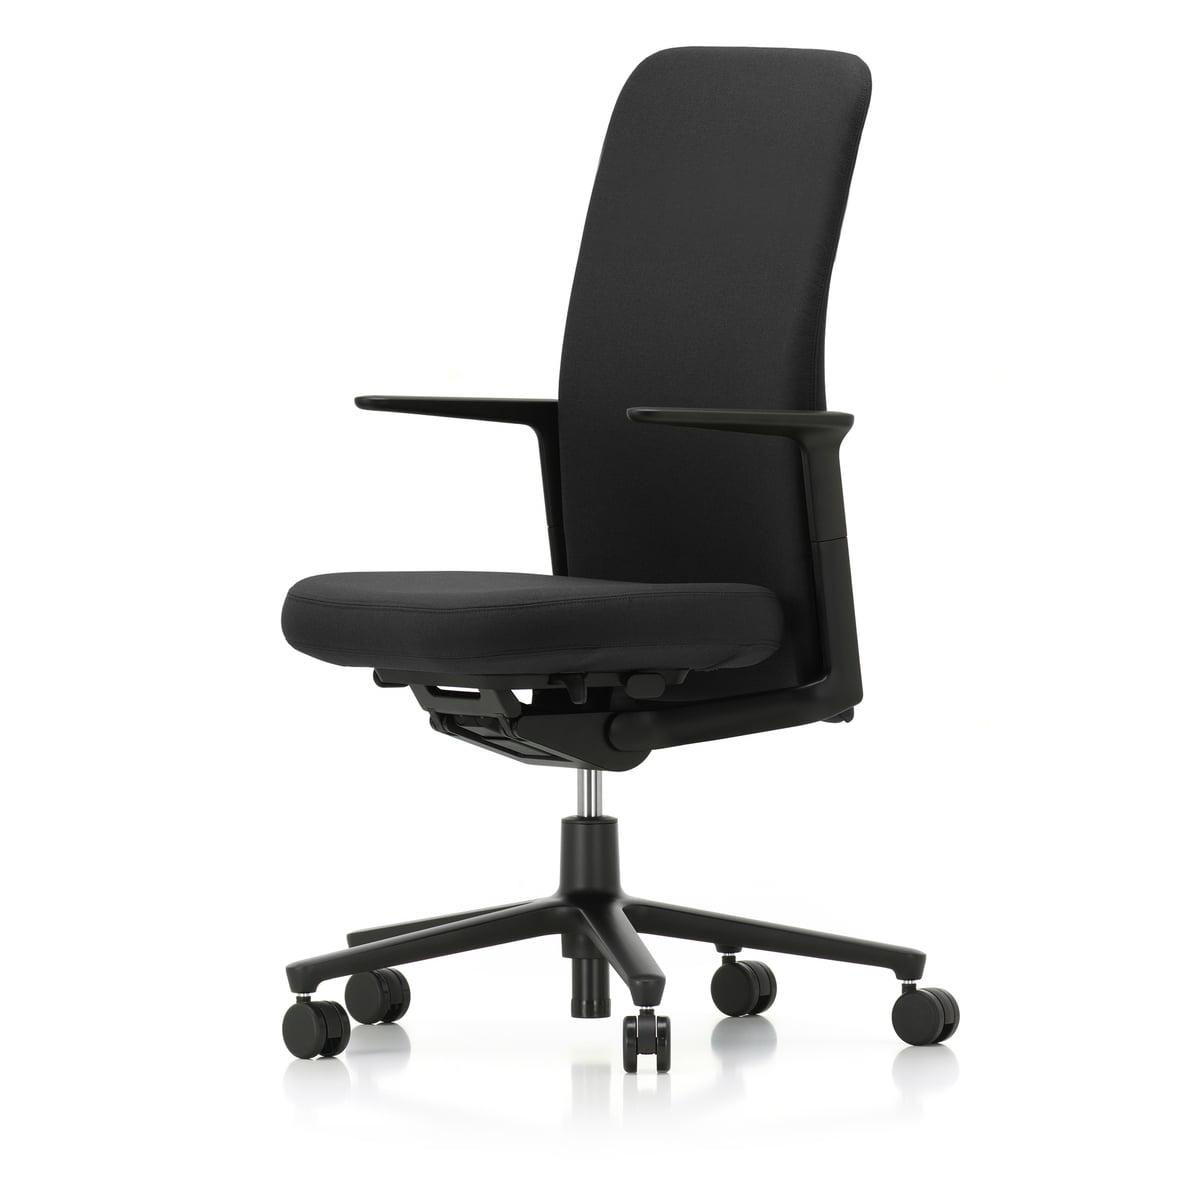 vitra pacific chair hoch armlehnen verstellbar f nfstern gestell schwarz rollen. Black Bedroom Furniture Sets. Home Design Ideas